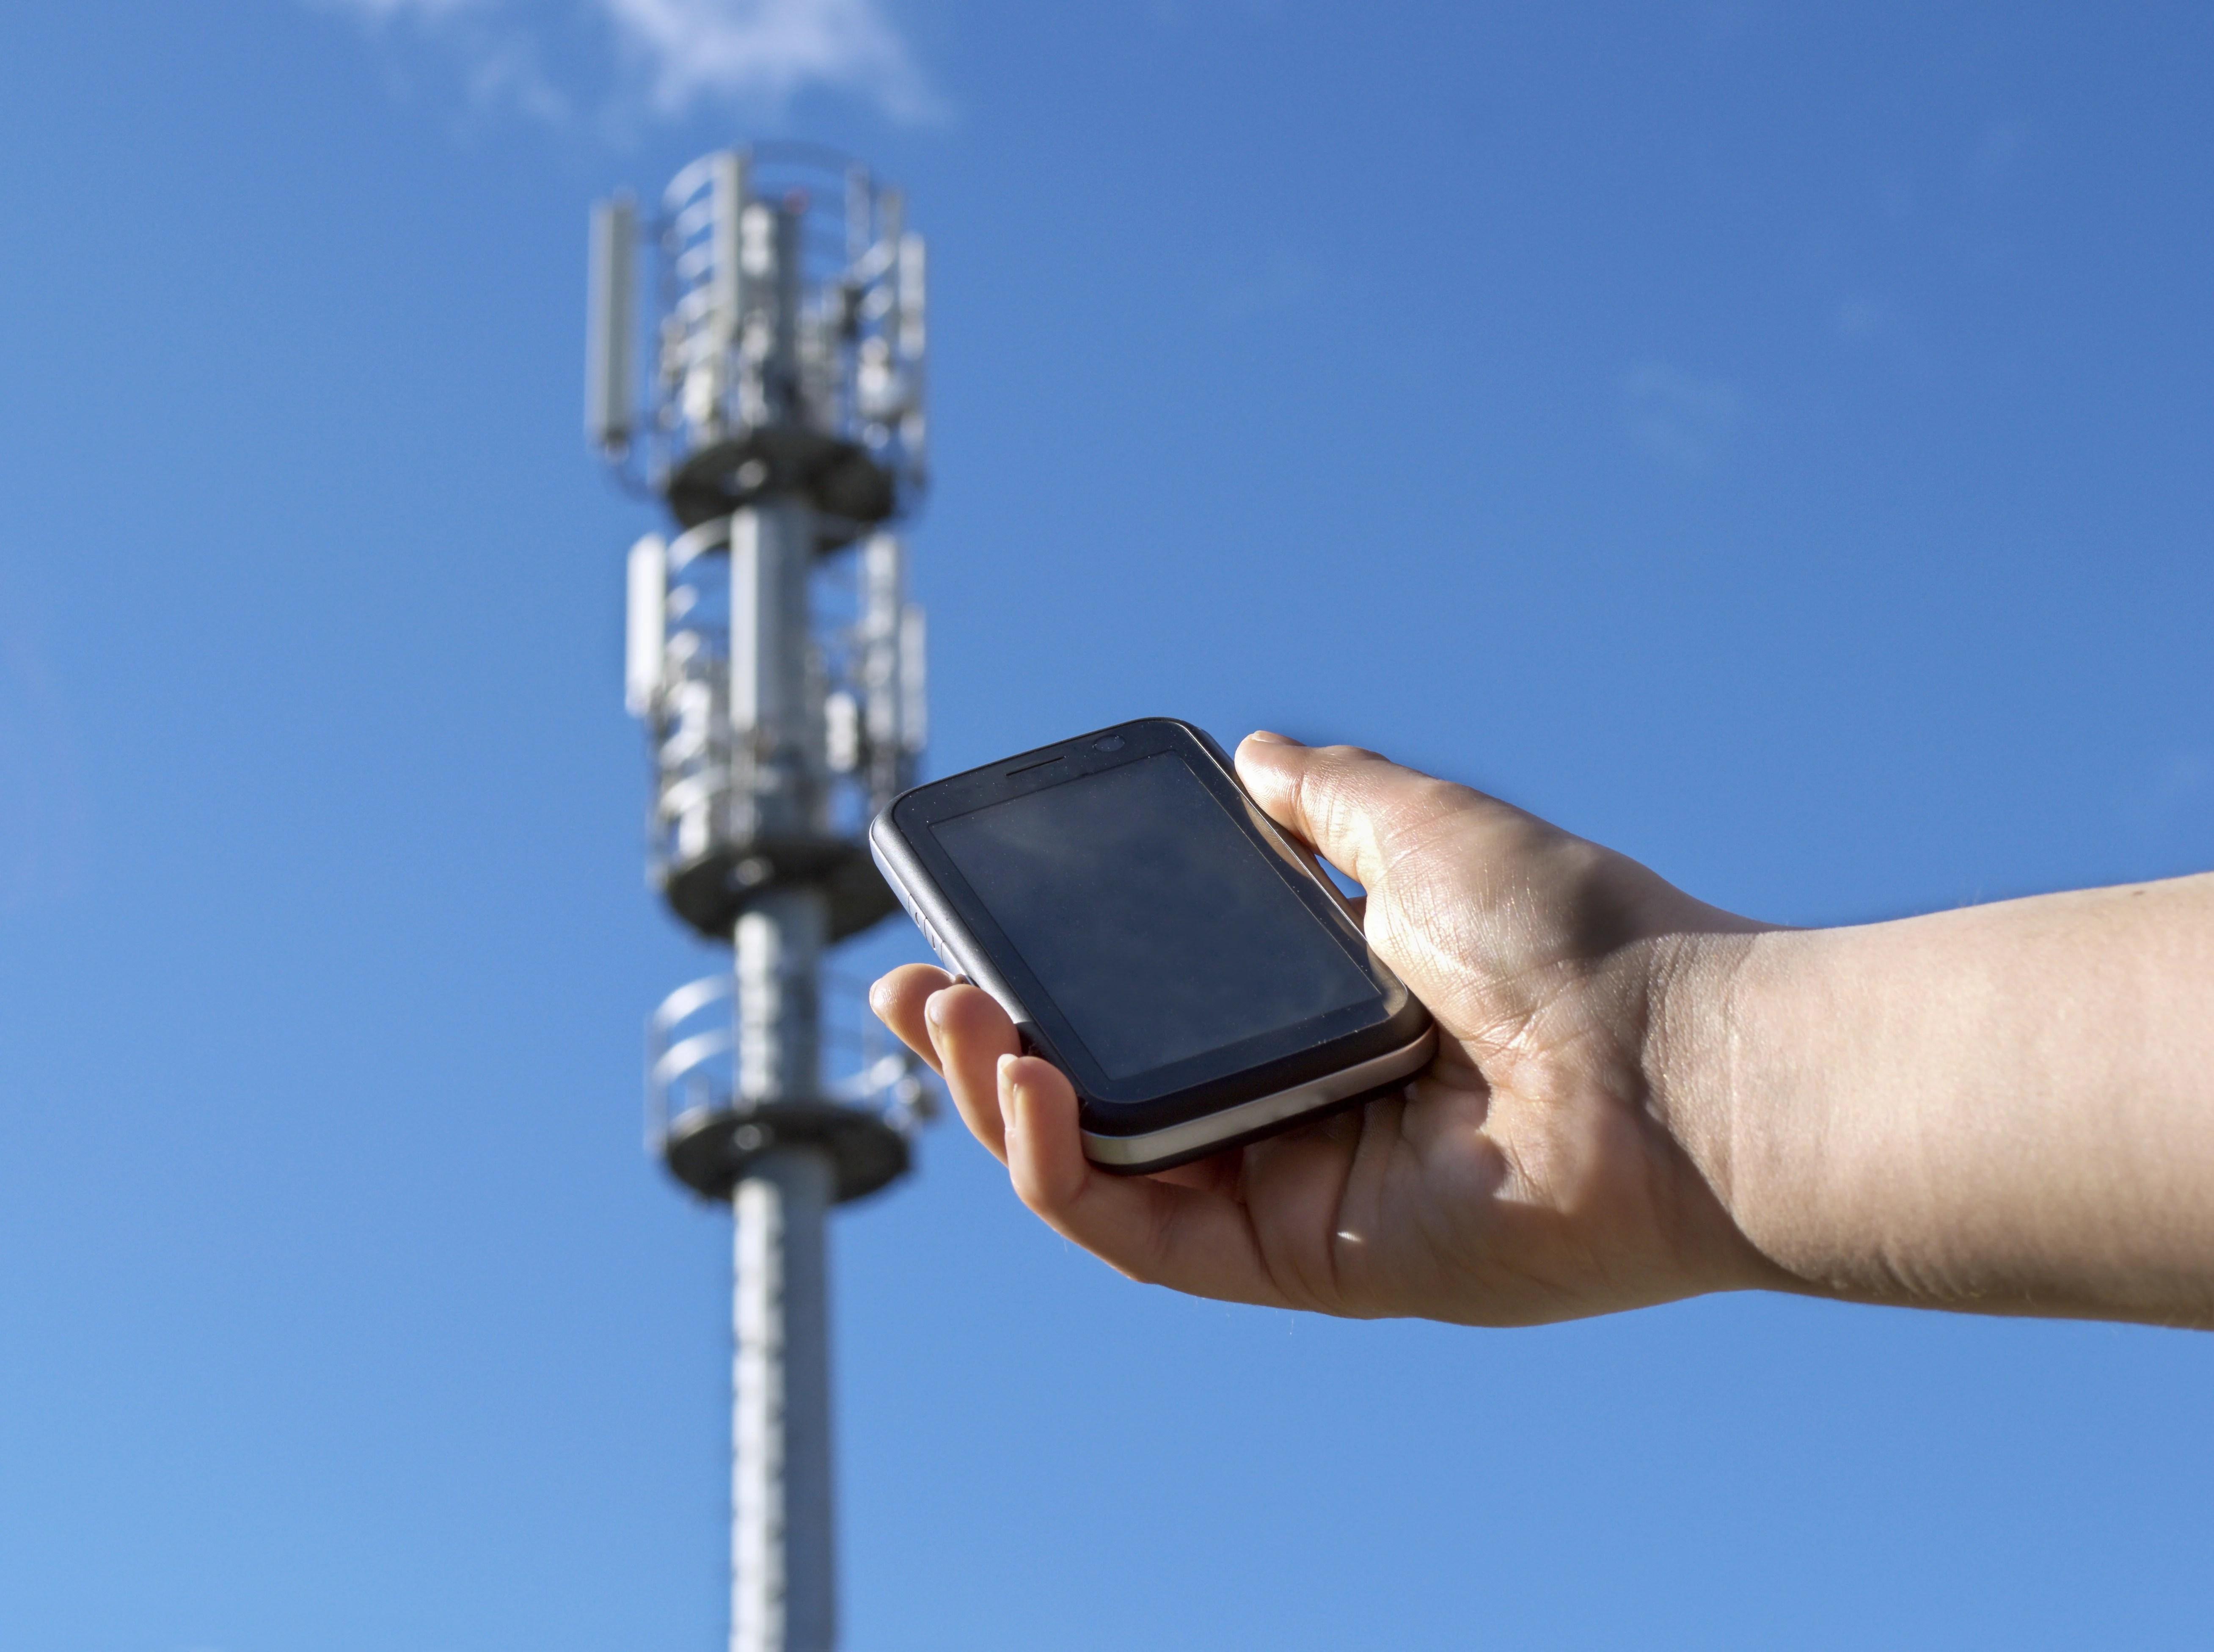 Les 4 opérateurs déposent des dossiers pour les fréquences 900, 1800 et 2100 MHz pour une couverture totale en 4G